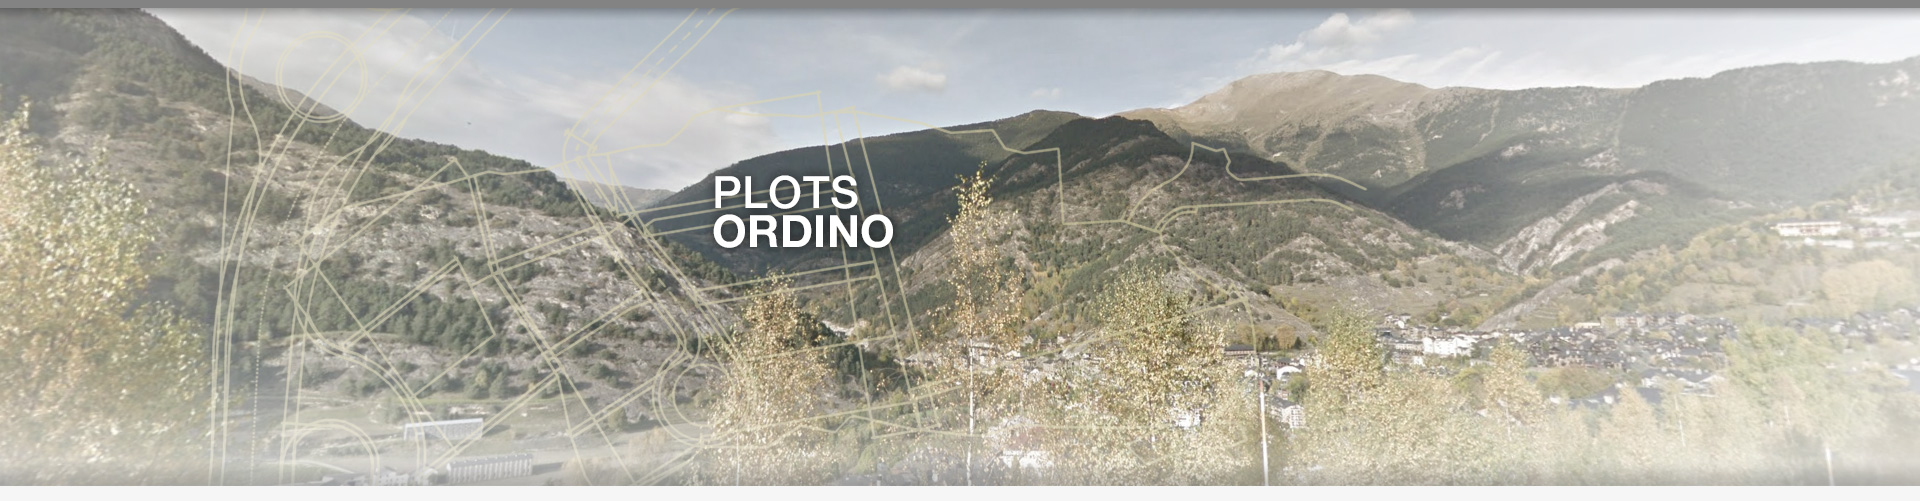 slide_venda_ordino-en